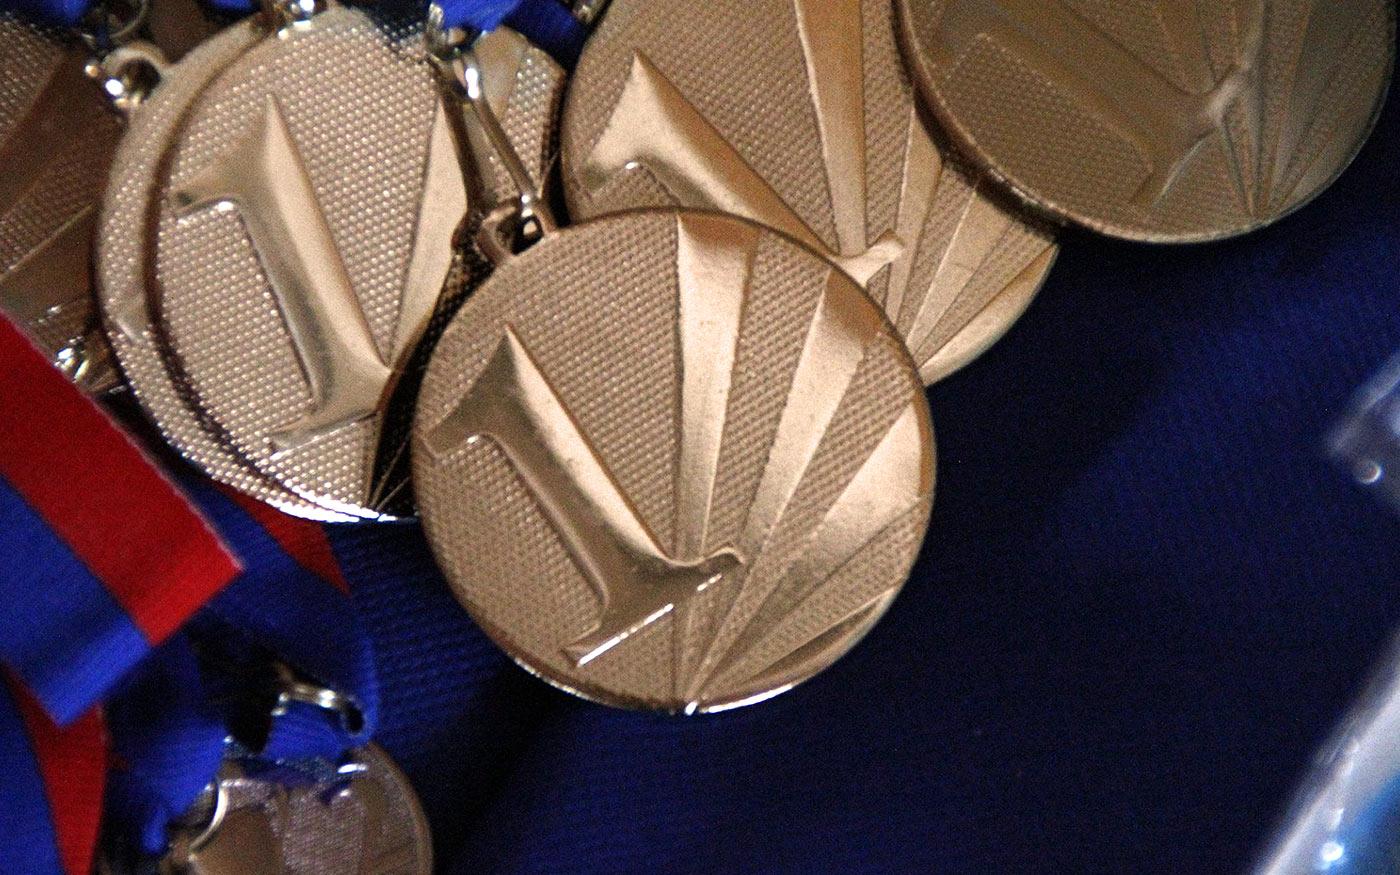 A csapatok közül Dunaharaszti volt a legeredményesebb a gyermek karate versenyen